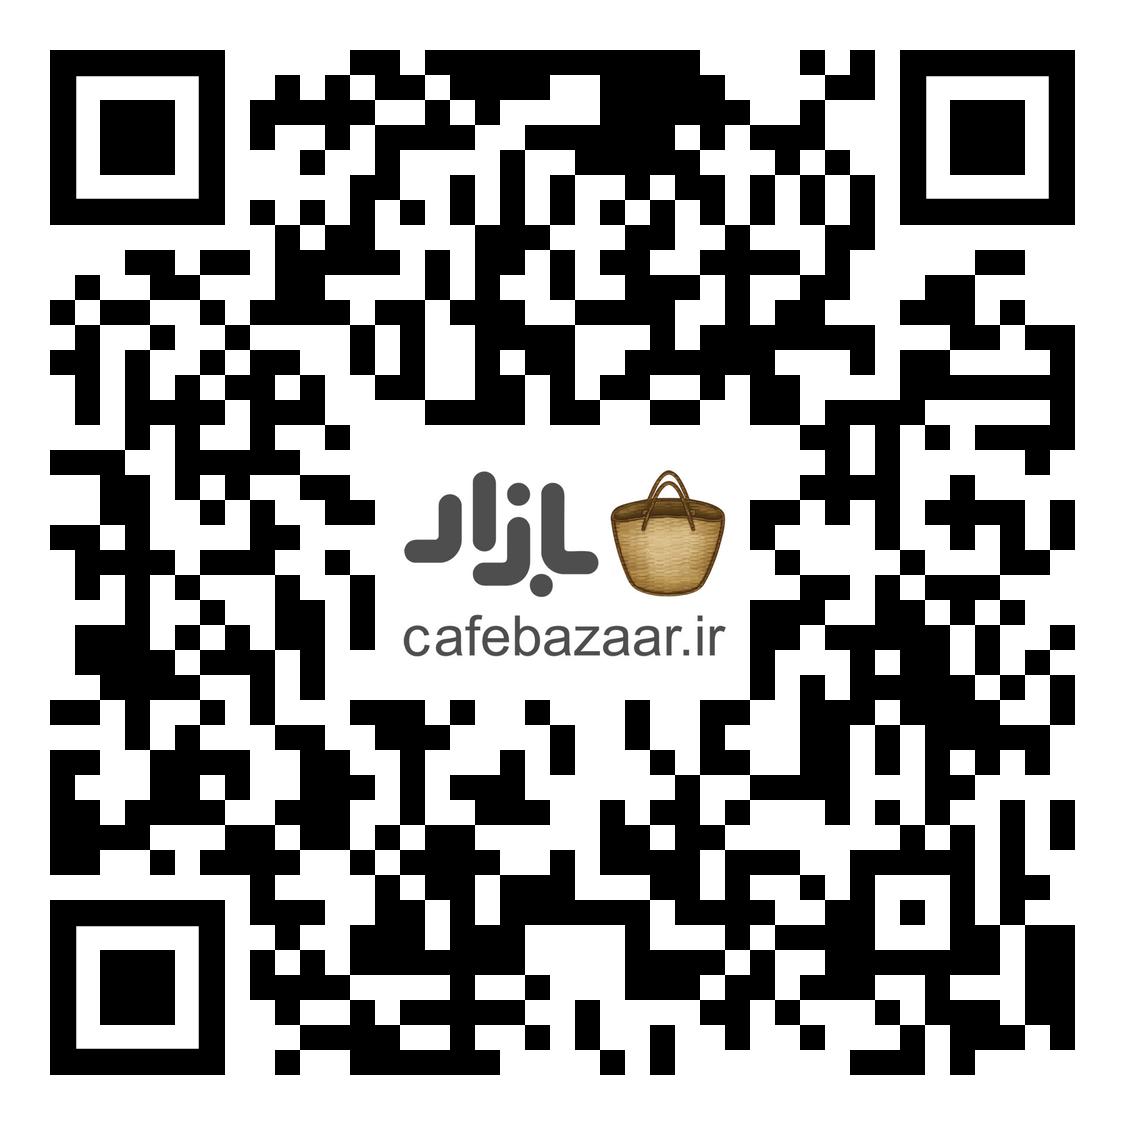 اپلیکیشن اندروید آموزش فروشندگی طلا و جواهر